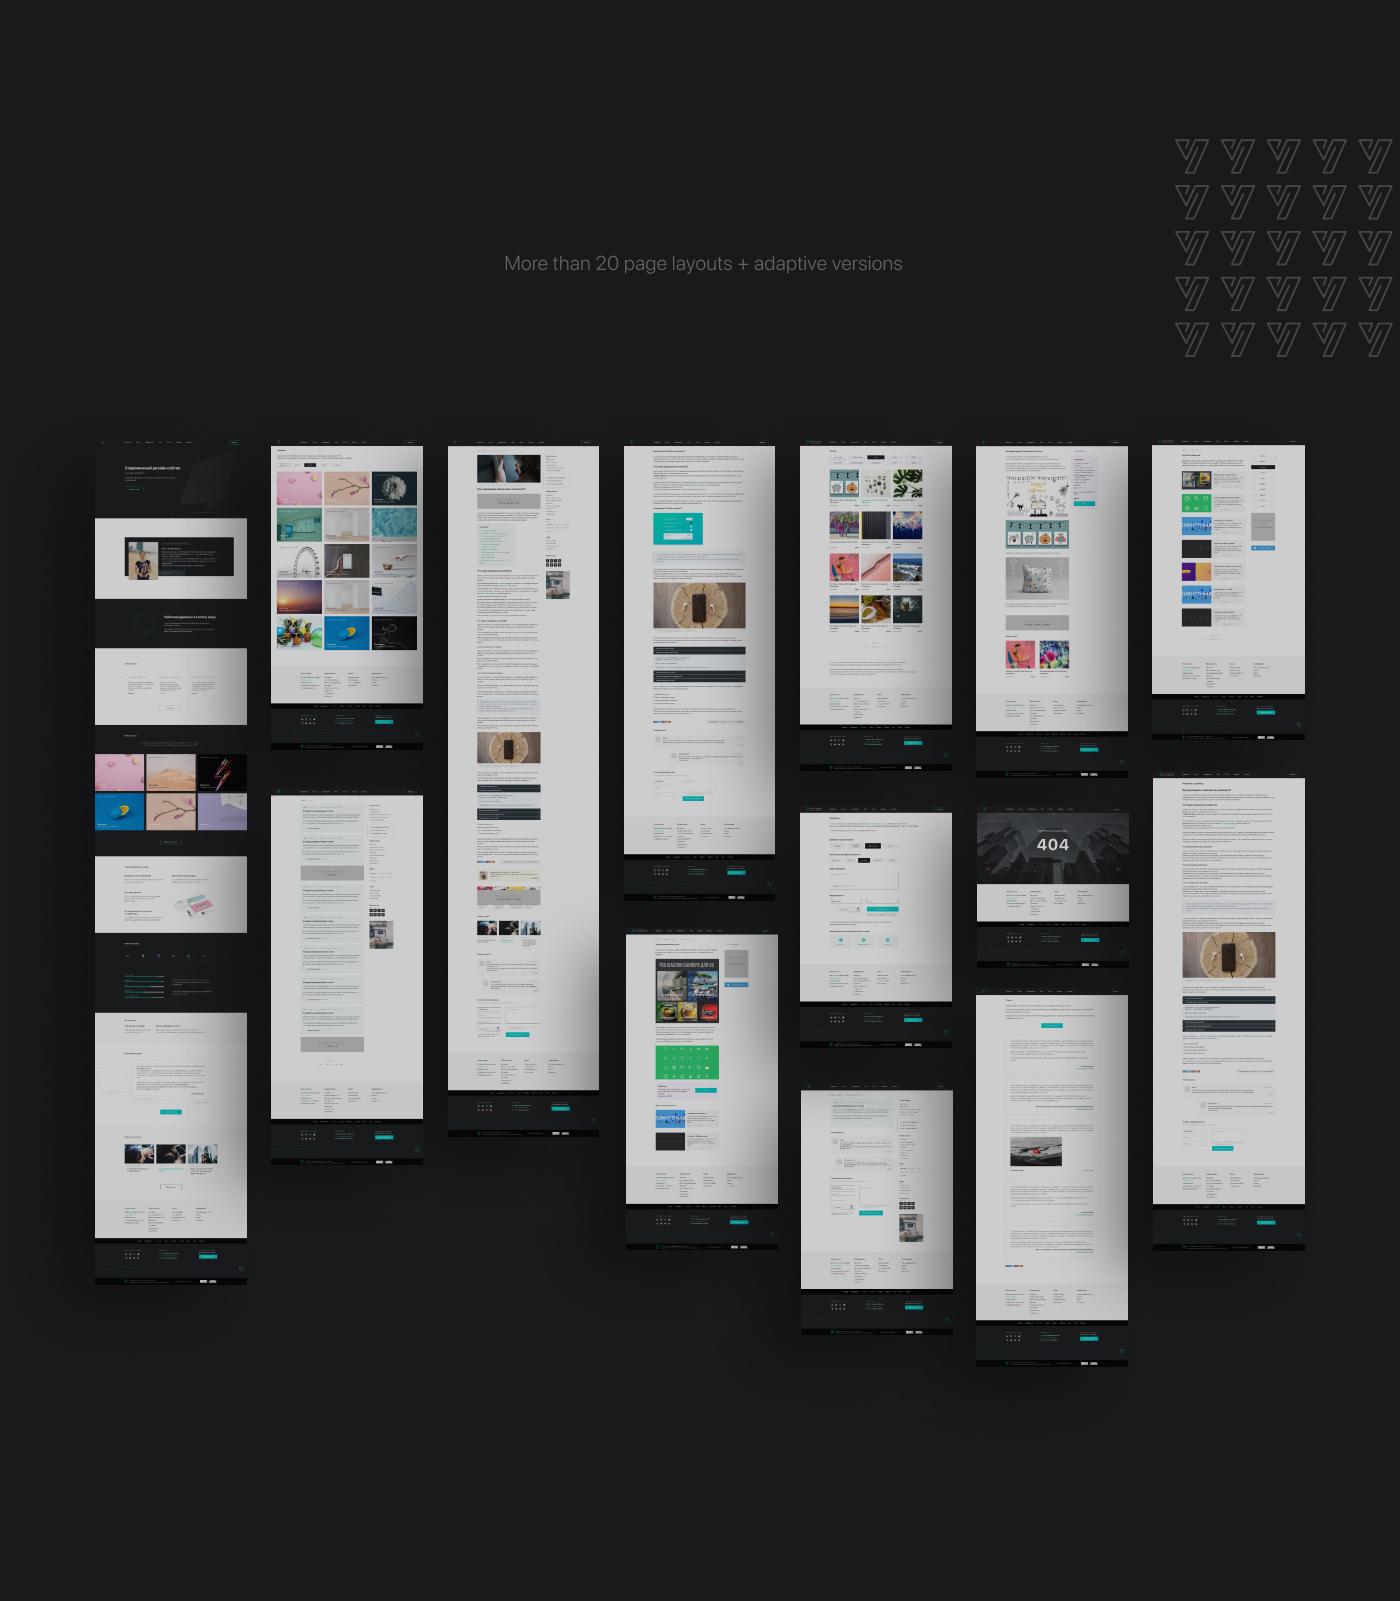 все страницы. дизайн